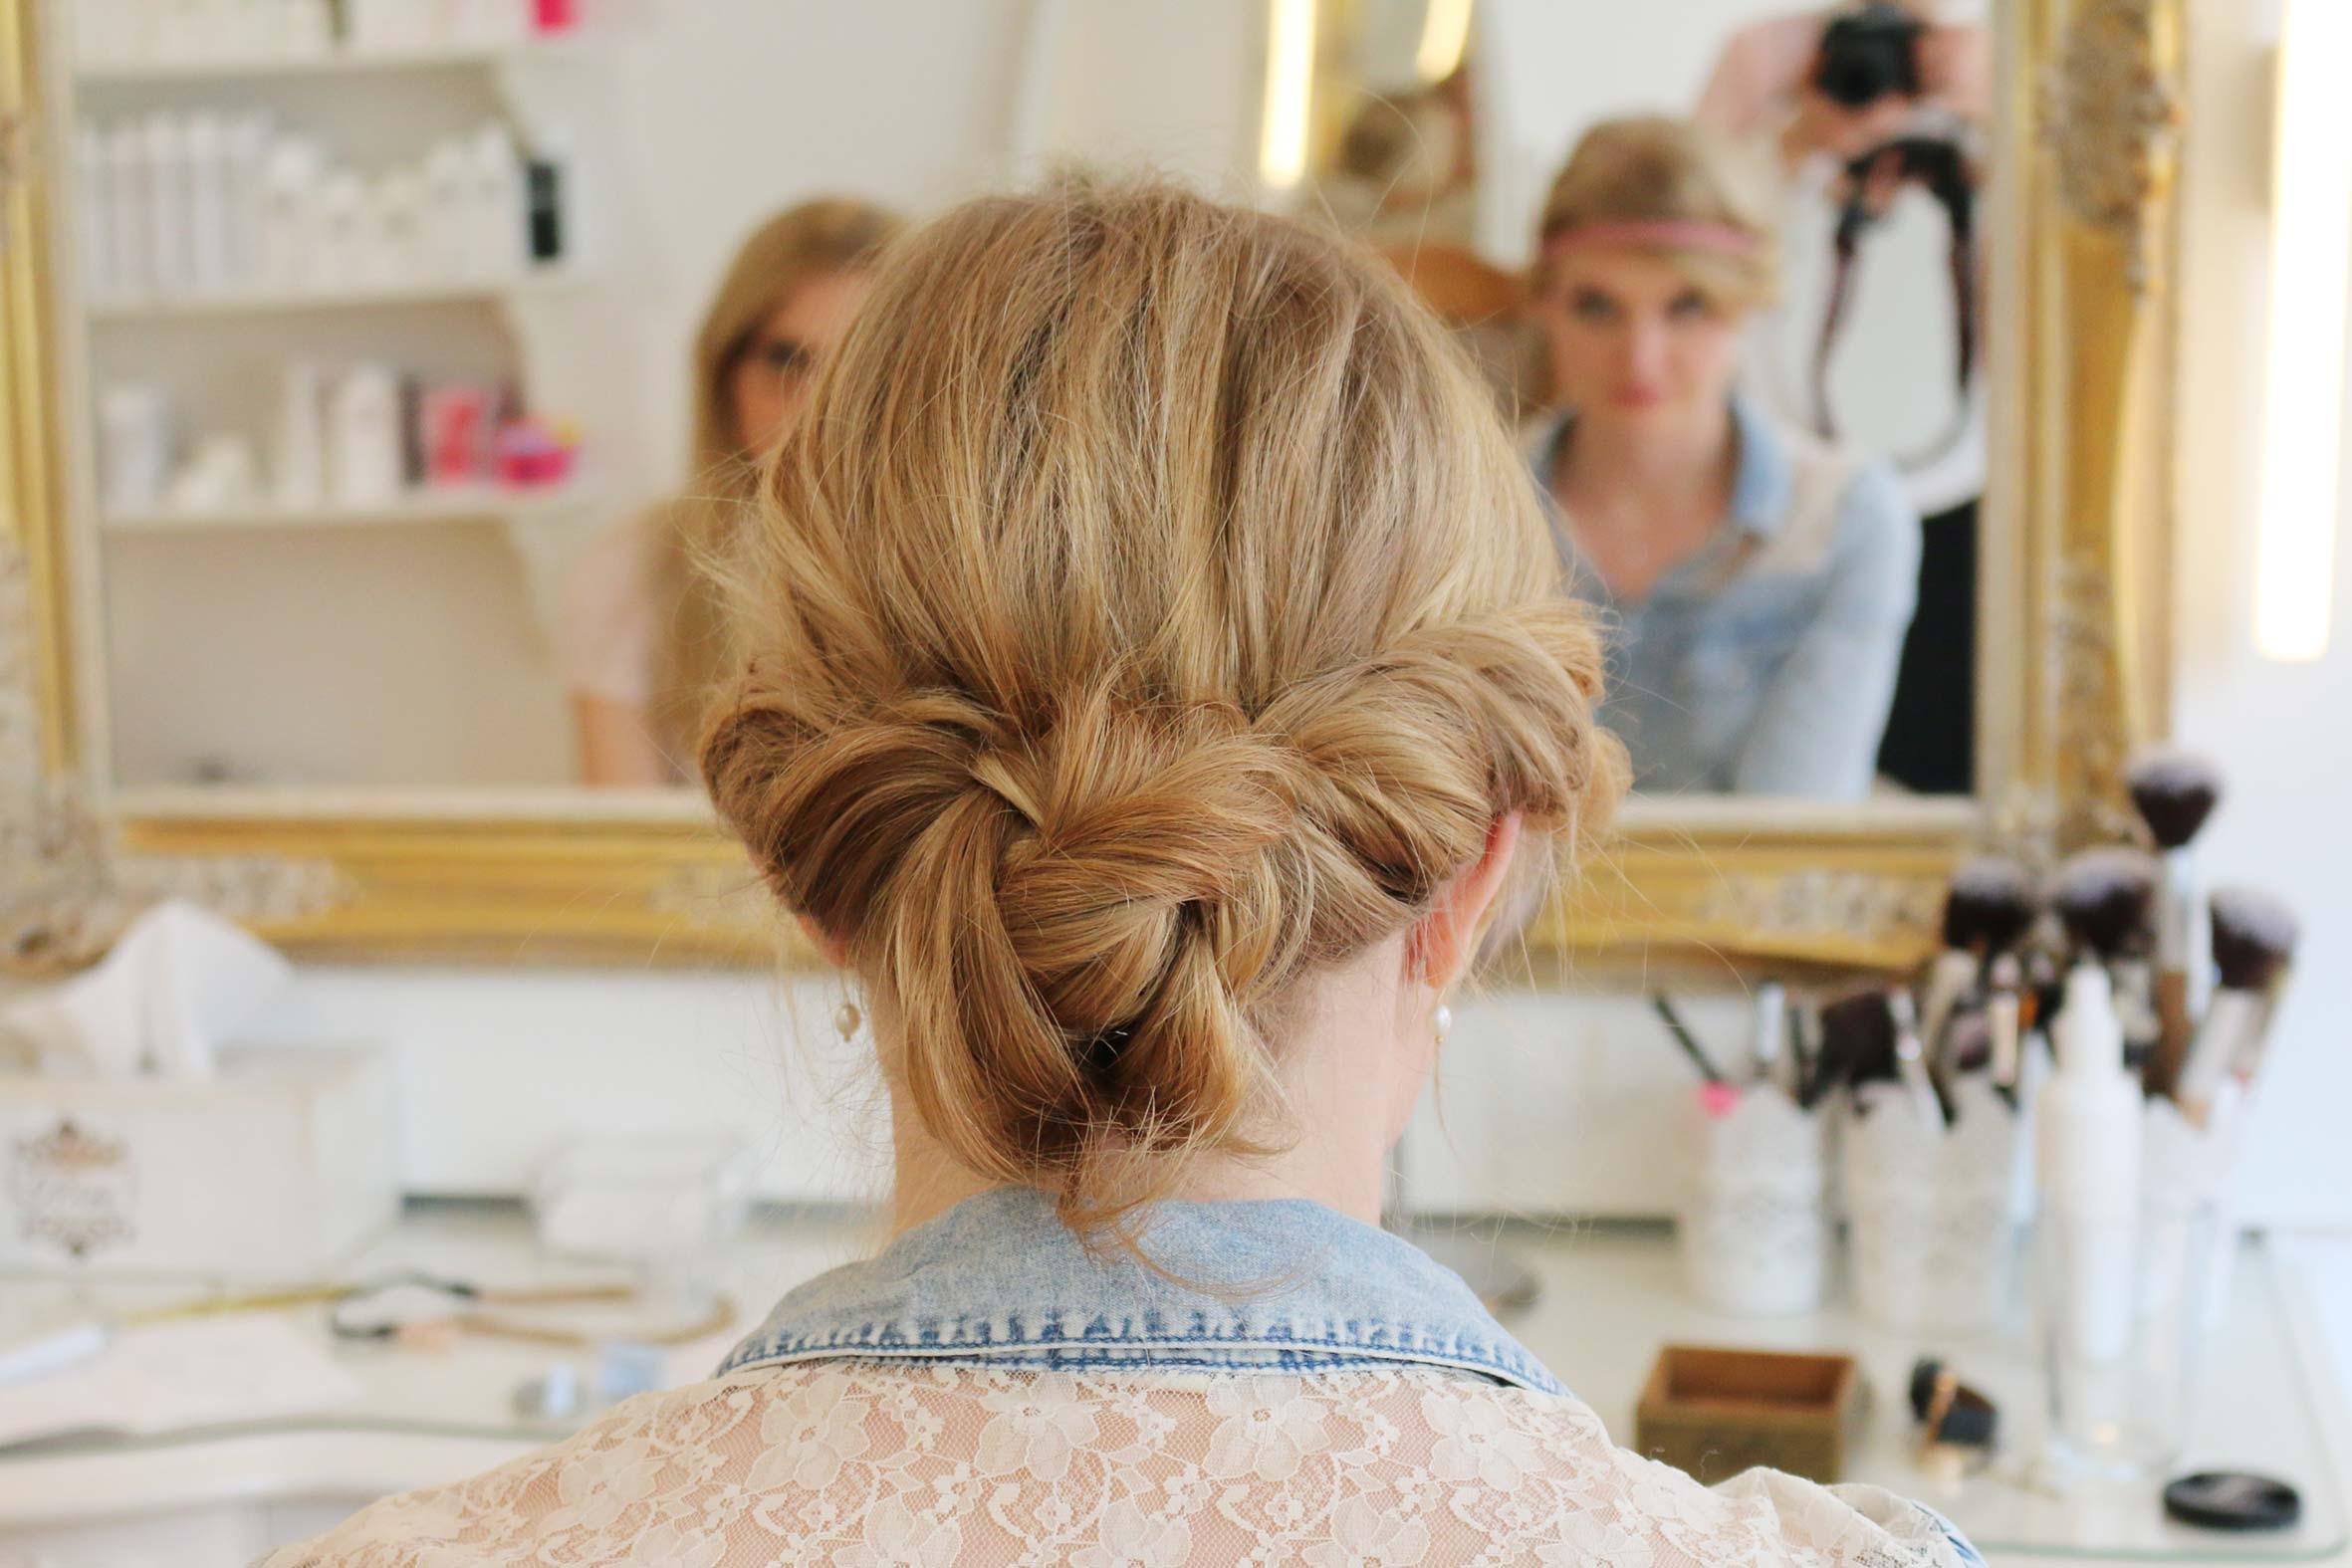 lerne im flechtfrisuren workshop von püppikram, dir selbst deine Haare zu flechten und hochzustecken